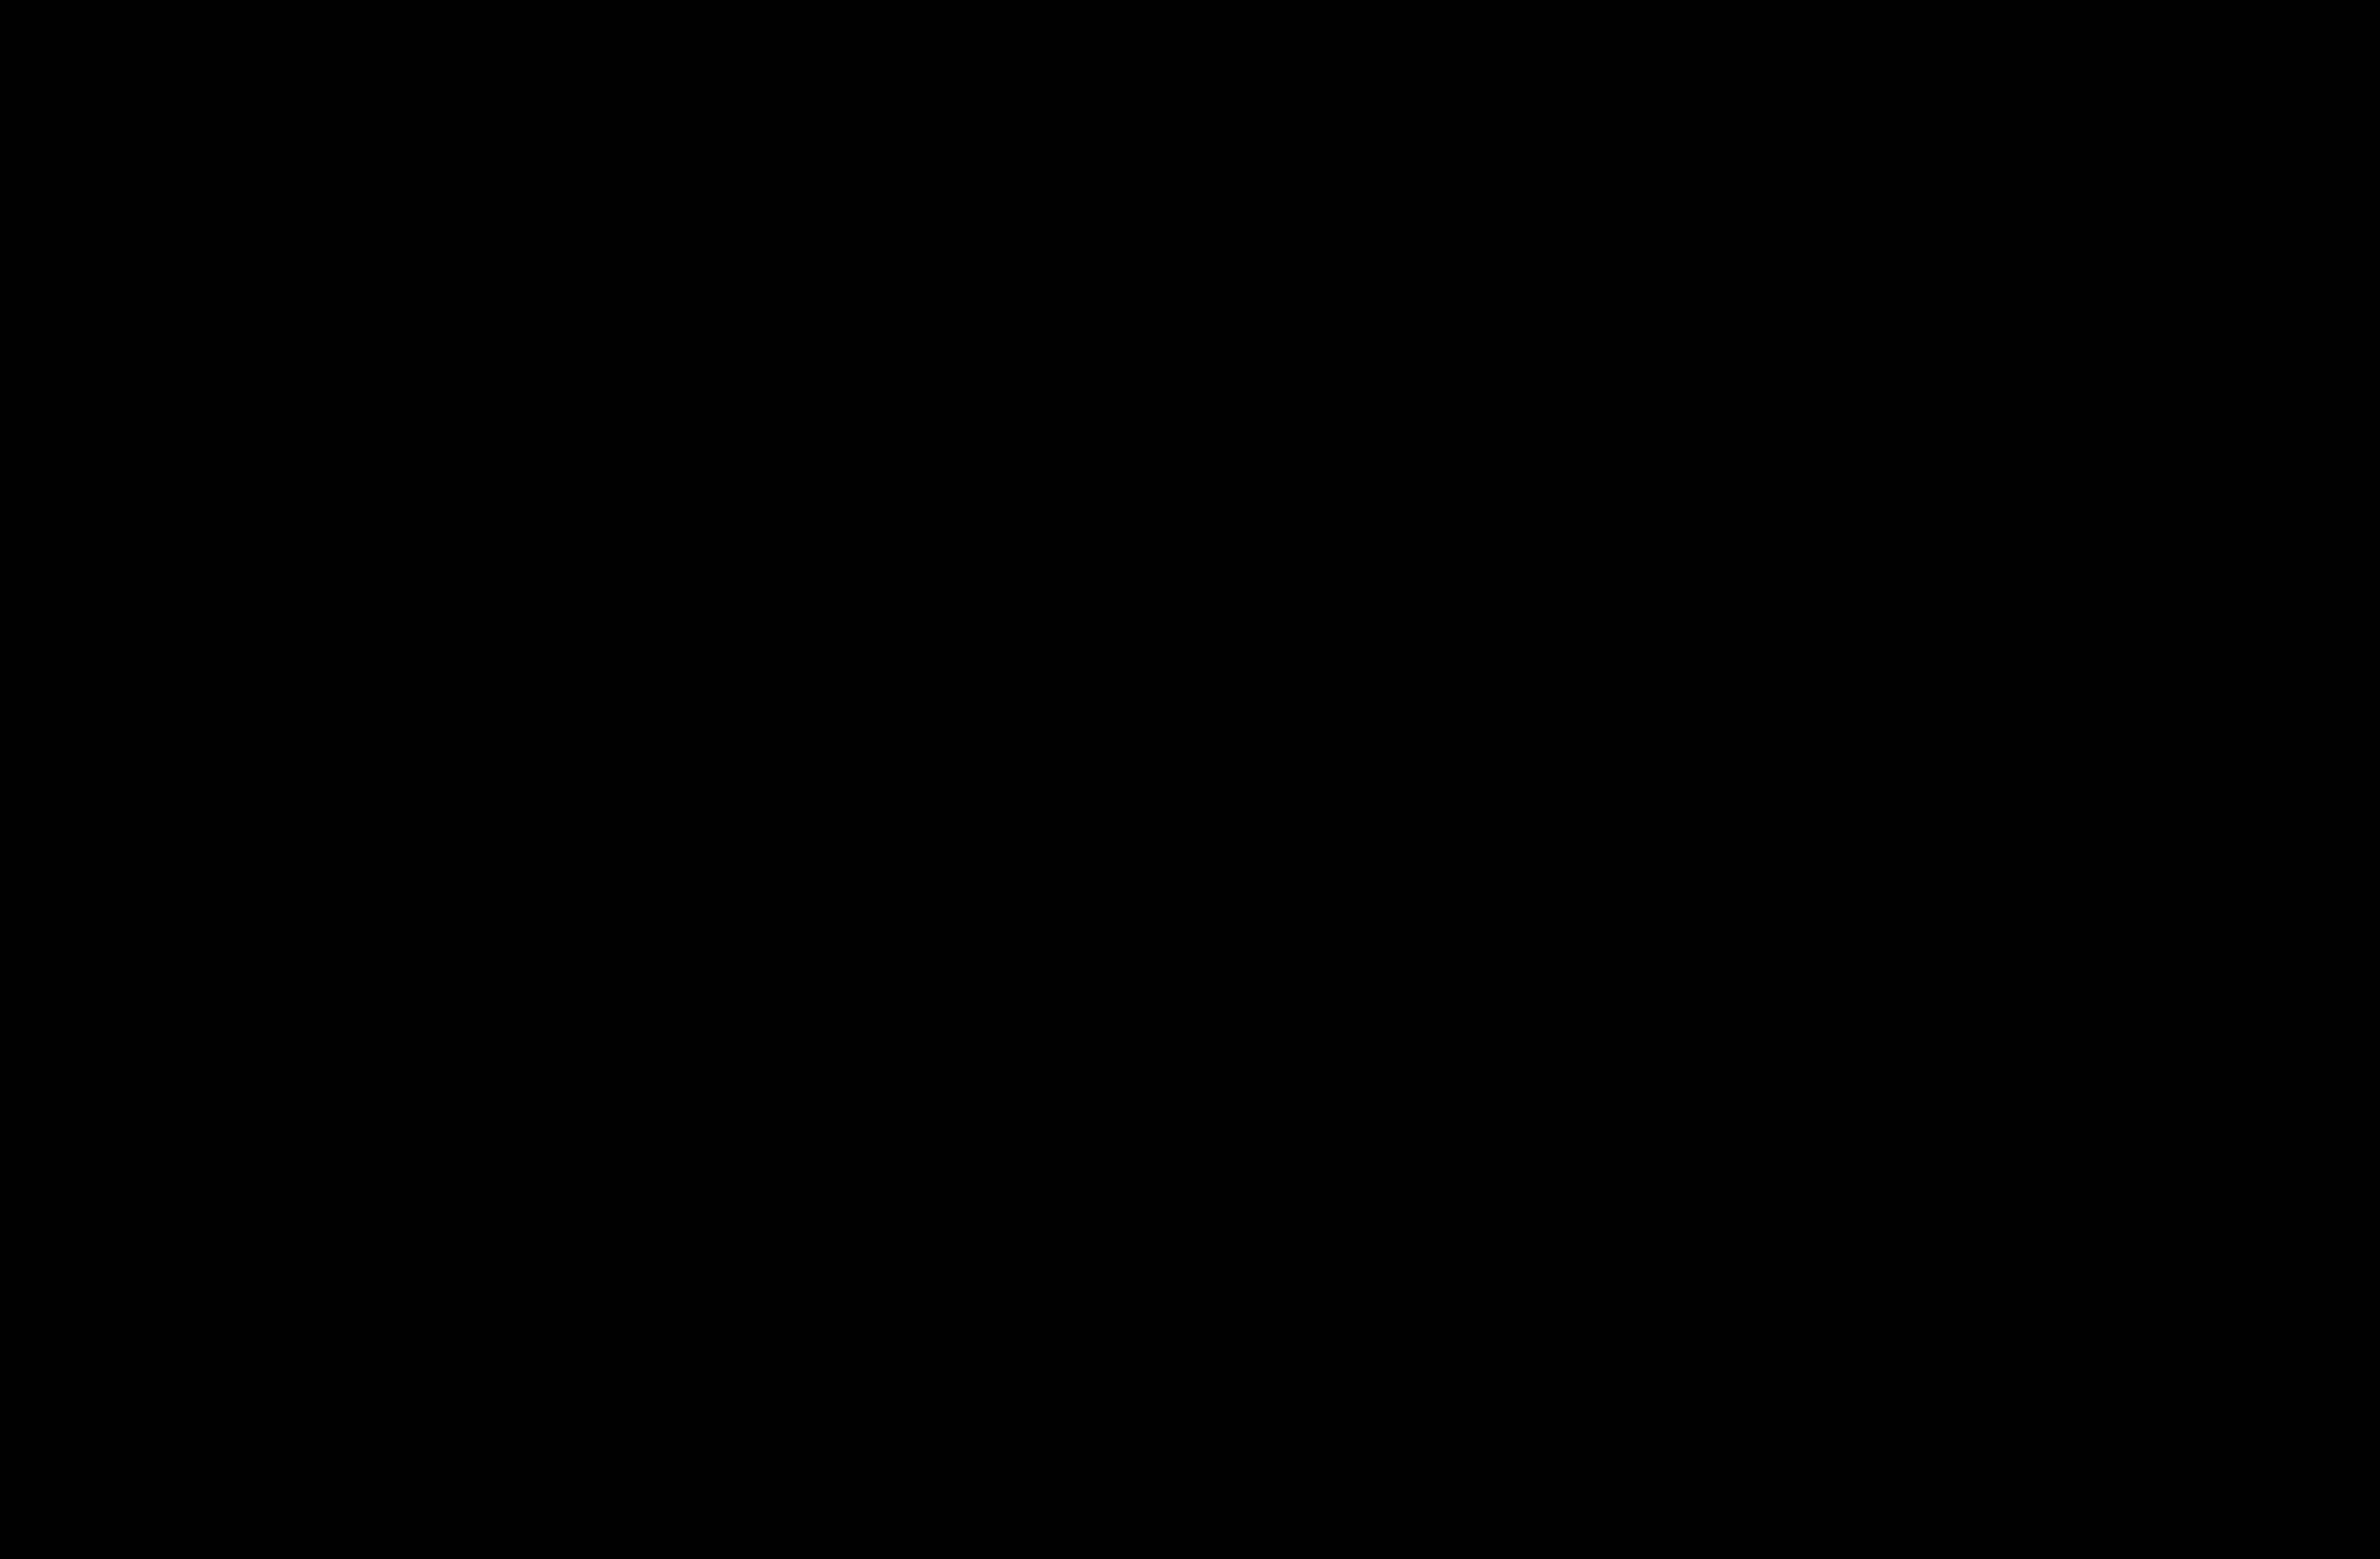 Clipart Rsa Iec Opamp Symbol